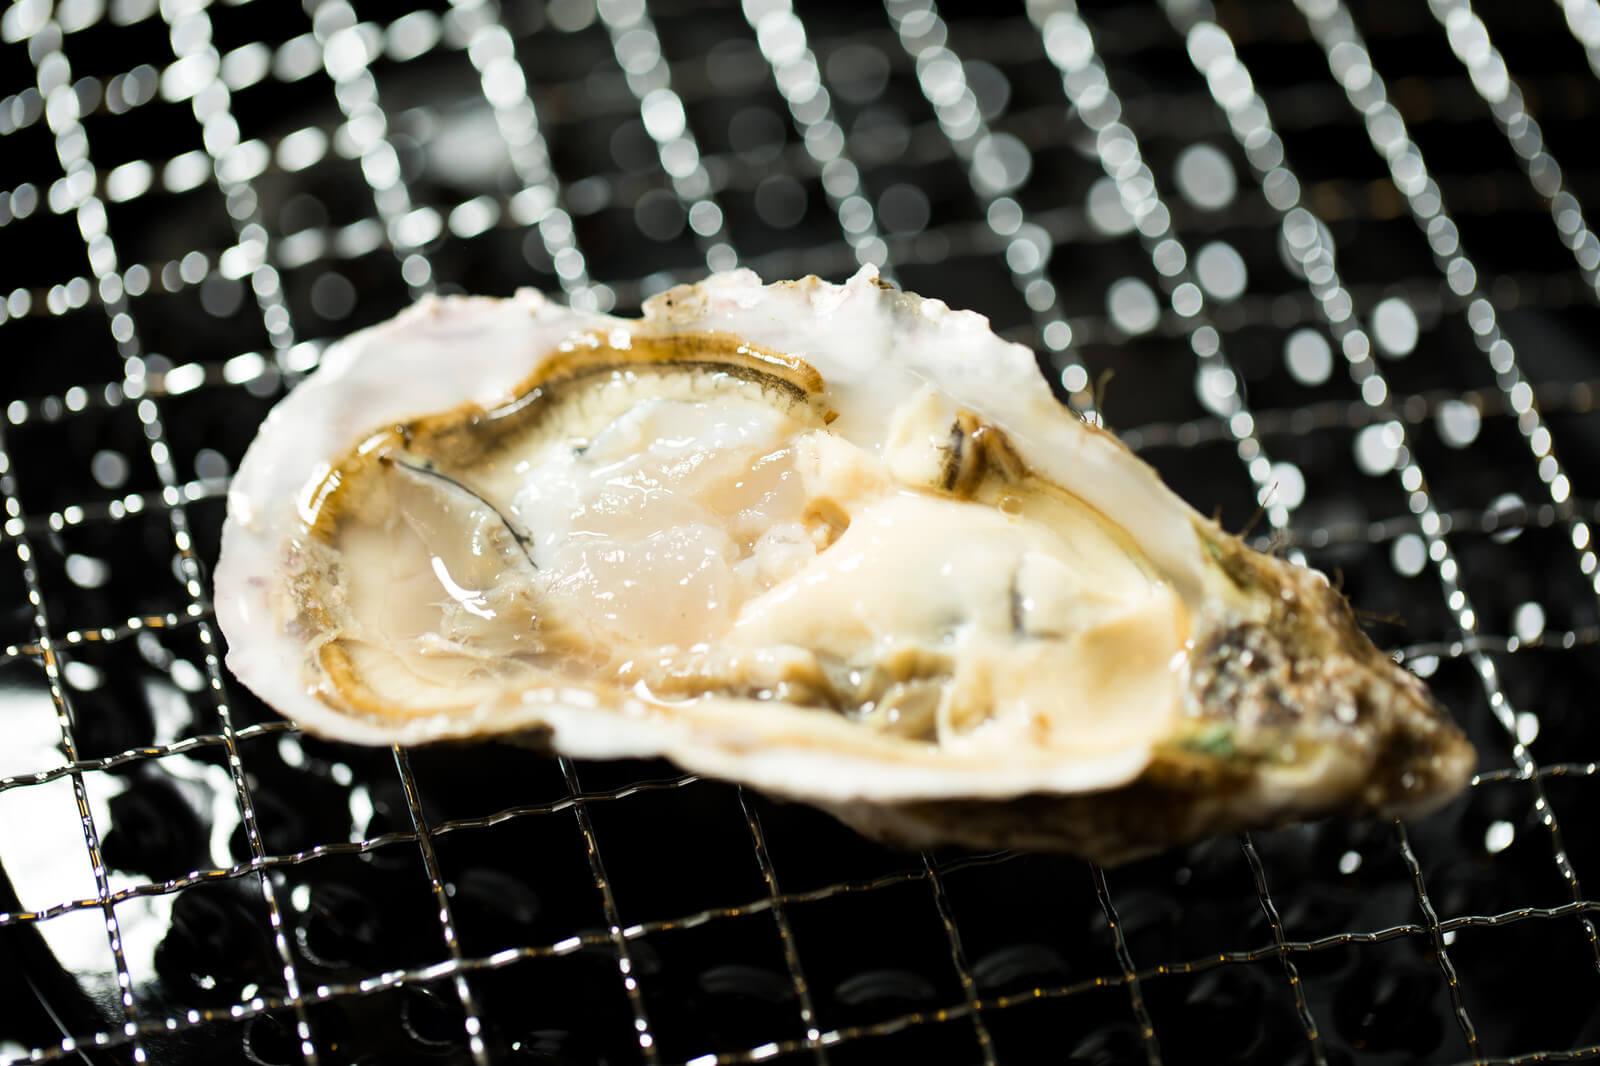 牡蠣 食べ すぎ 牡蠣の食べ過ぎに注意!1日何個までOK?栄養やカロリーも紹介